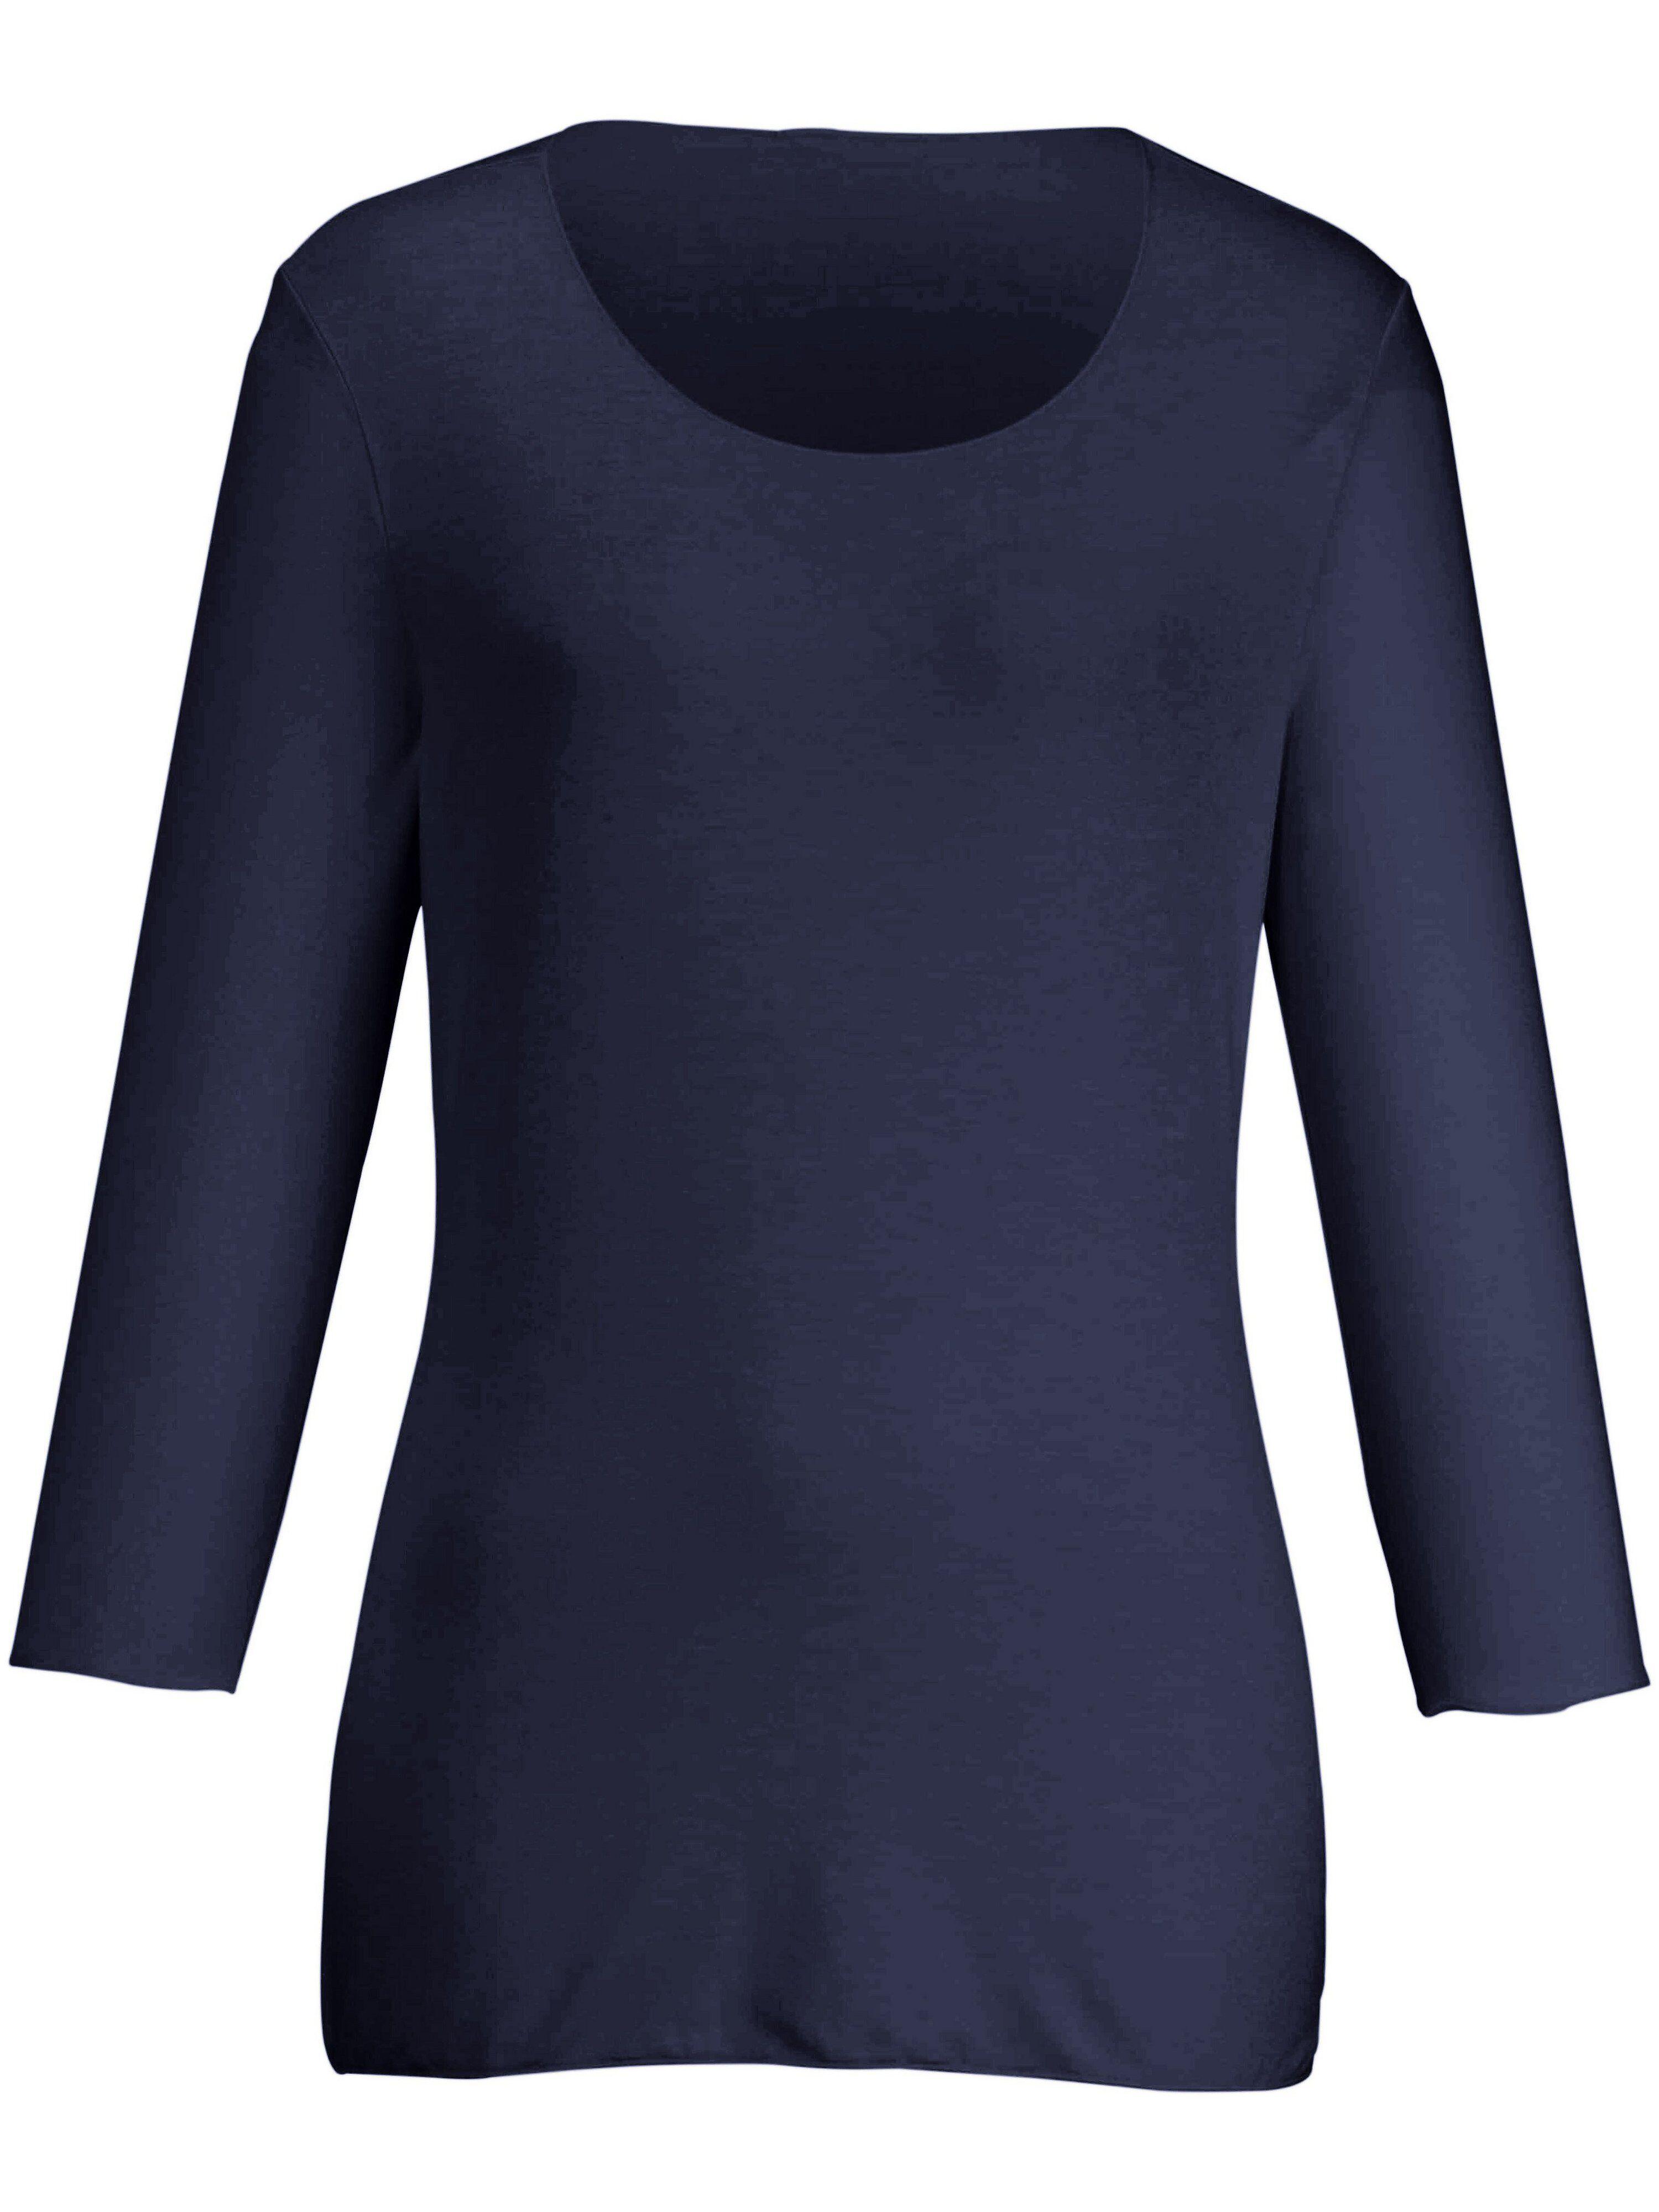 Peter Hahn Le T-shirt manches 3/4  Peter Hahn bleu  - Femme - 38